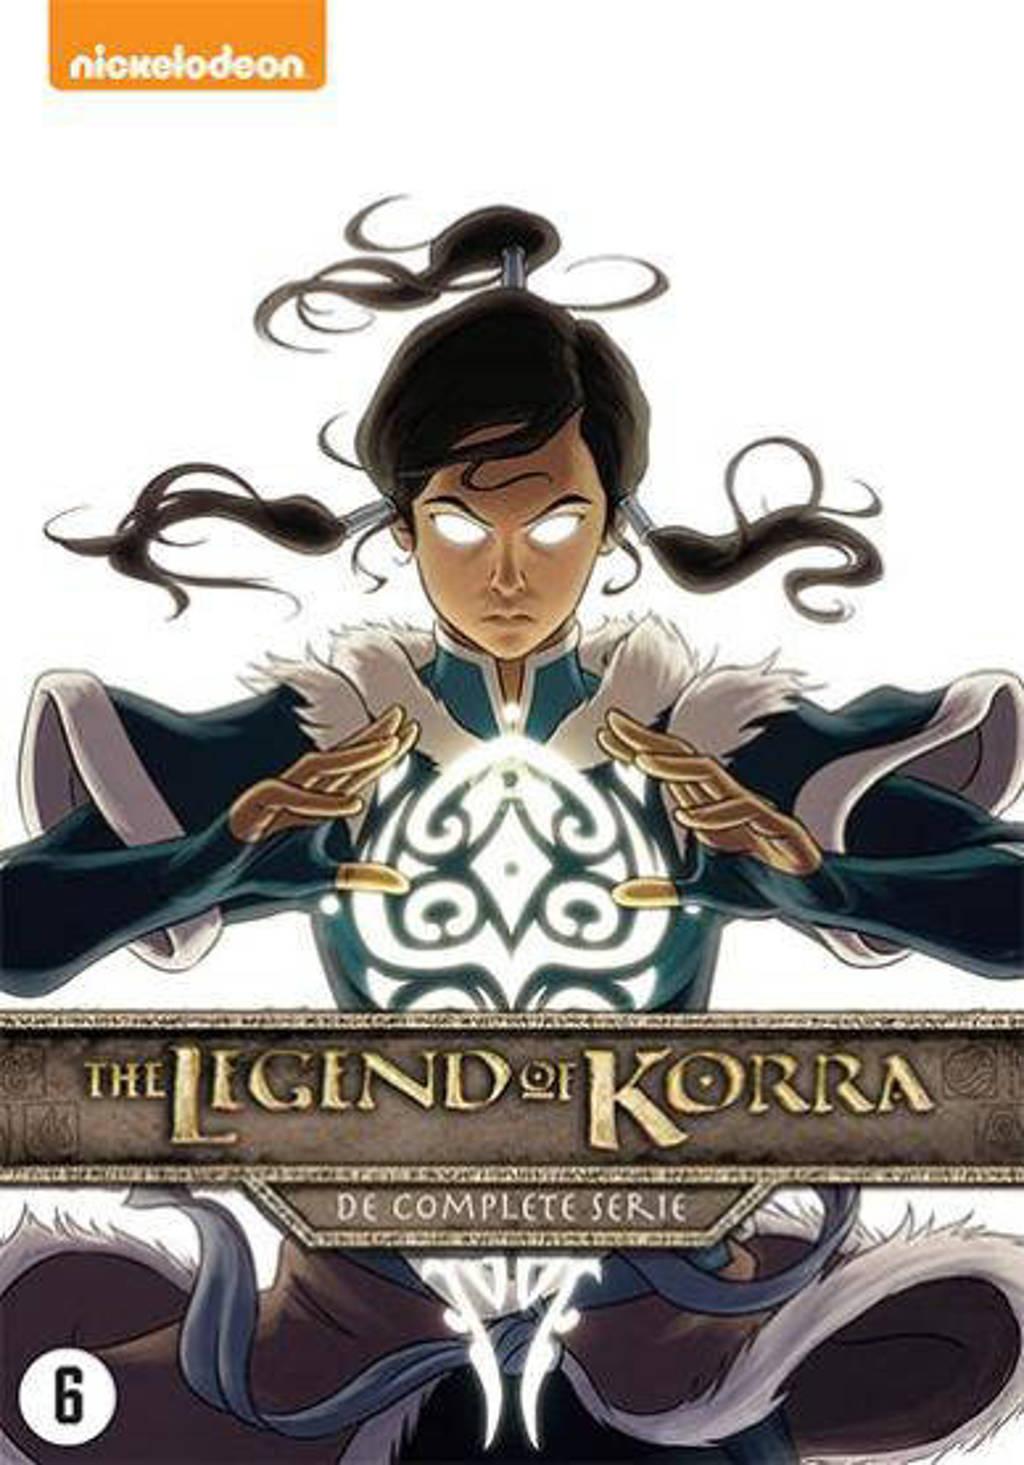 Legende van Korra -  Complete collection (DVD)